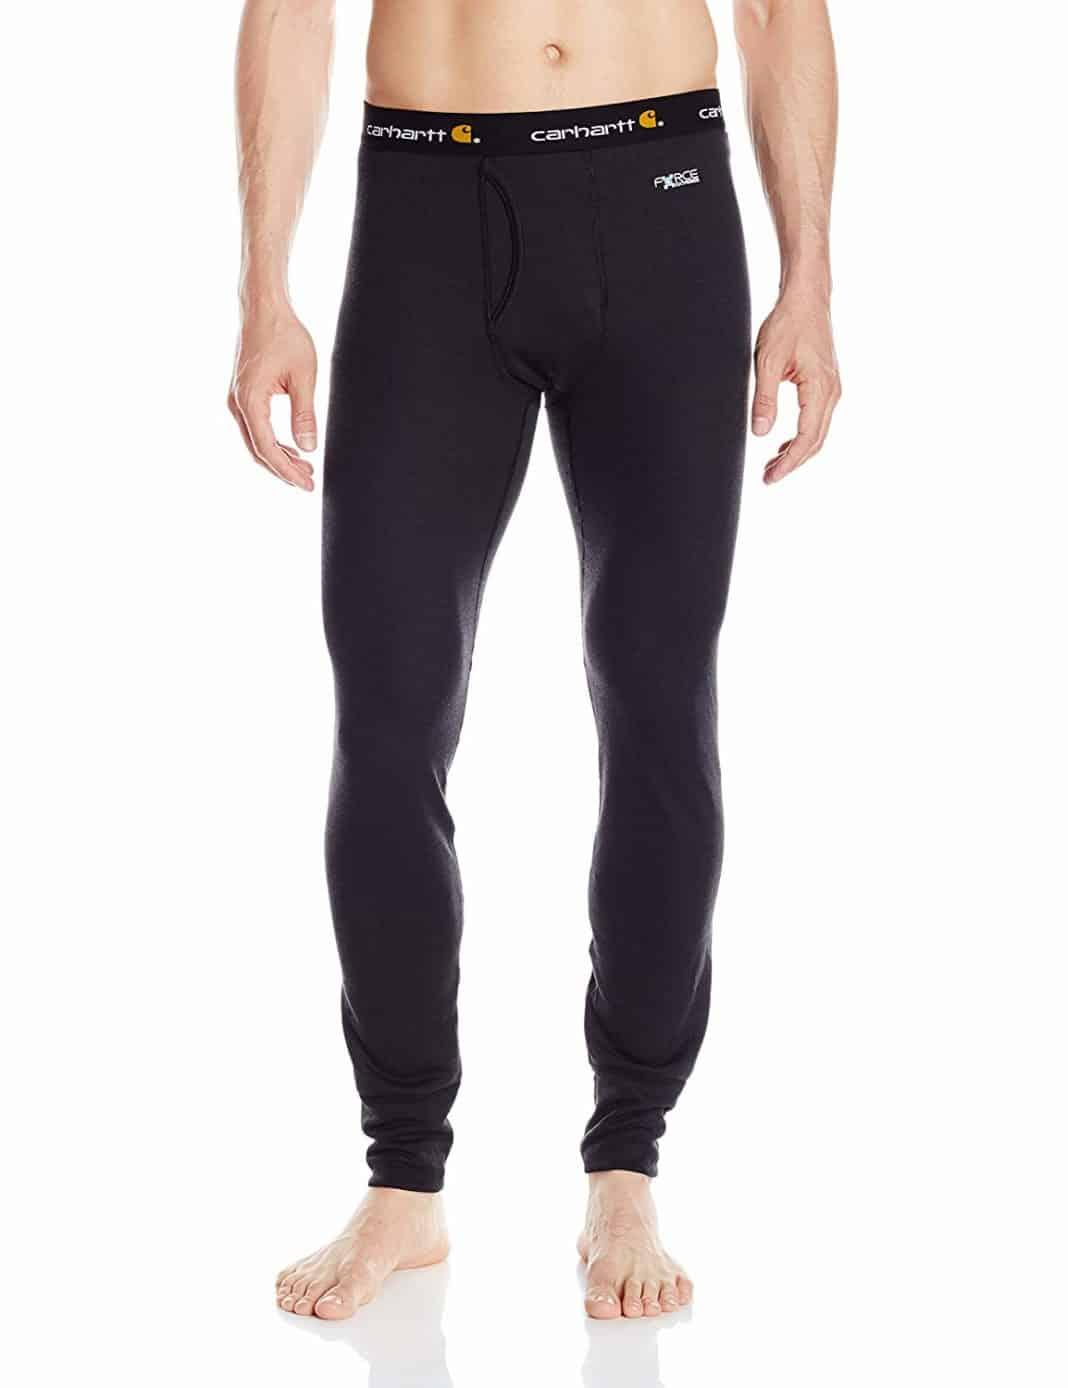 Duofold Originals Men's Thermal Pants - Carhartt Men's